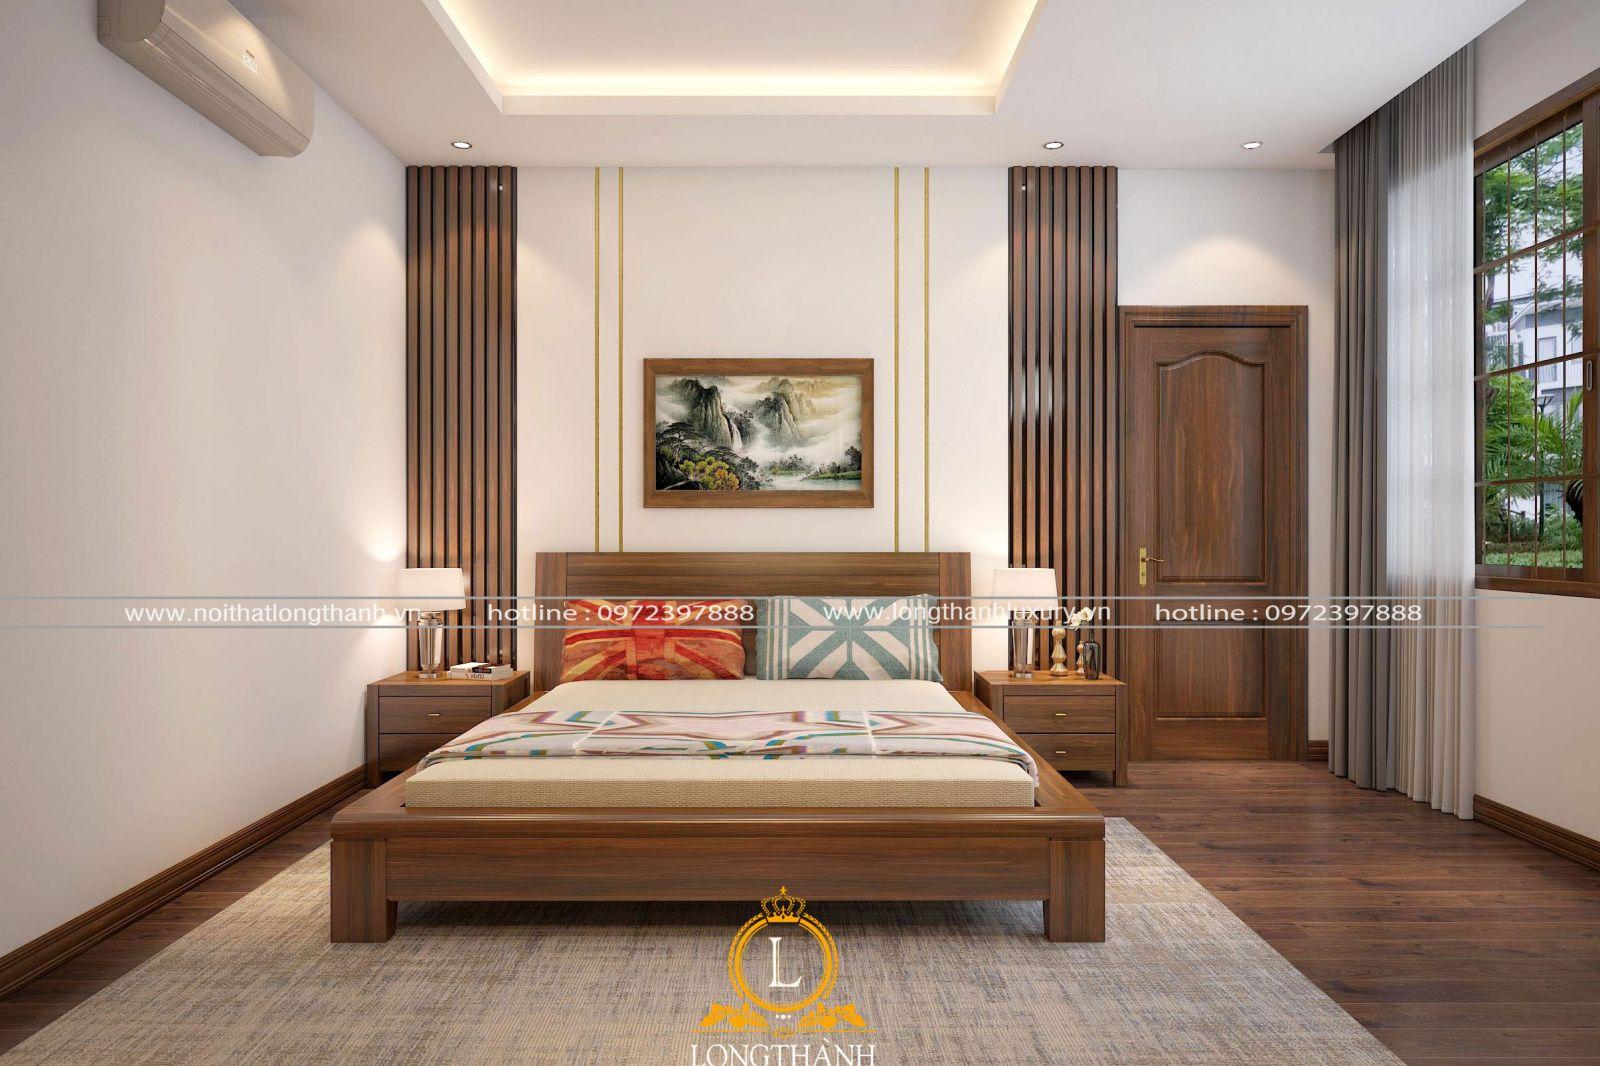 Phòng ngủ đẹp nhẹ nhàng tinh tế thể hiện đẳng cấp sống